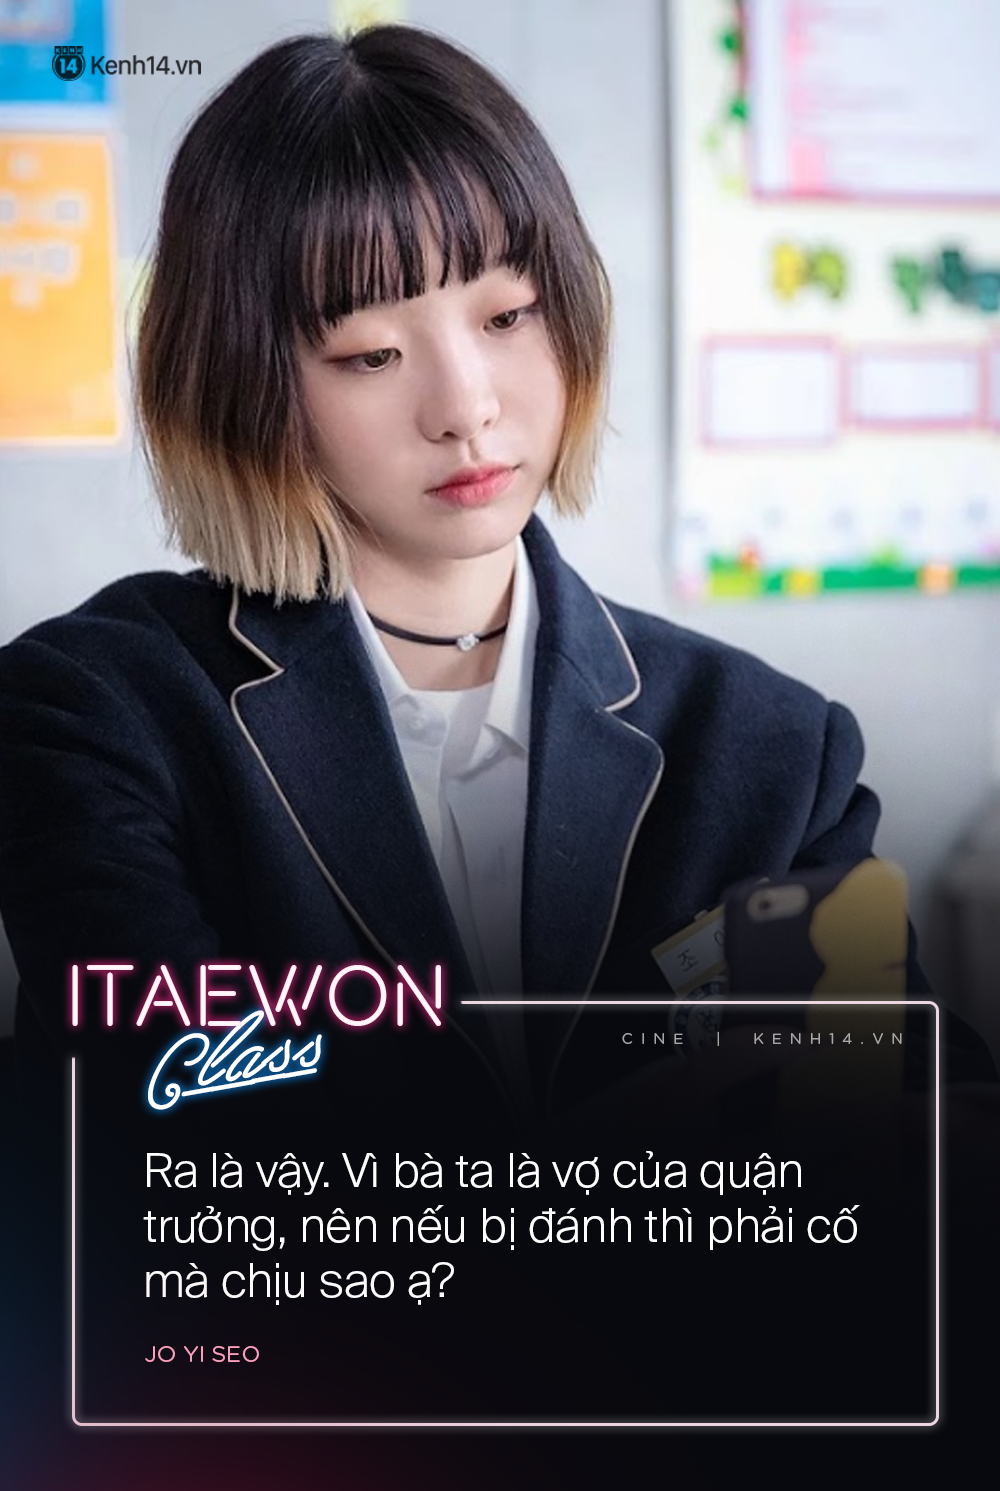 Ám ảnh với 10 câu thoại phản ánh xã hội bất công ở Tầng Lớp Itaewon: Mạng của bố tôi… được tính bằng tiền sao? - Ảnh 8.